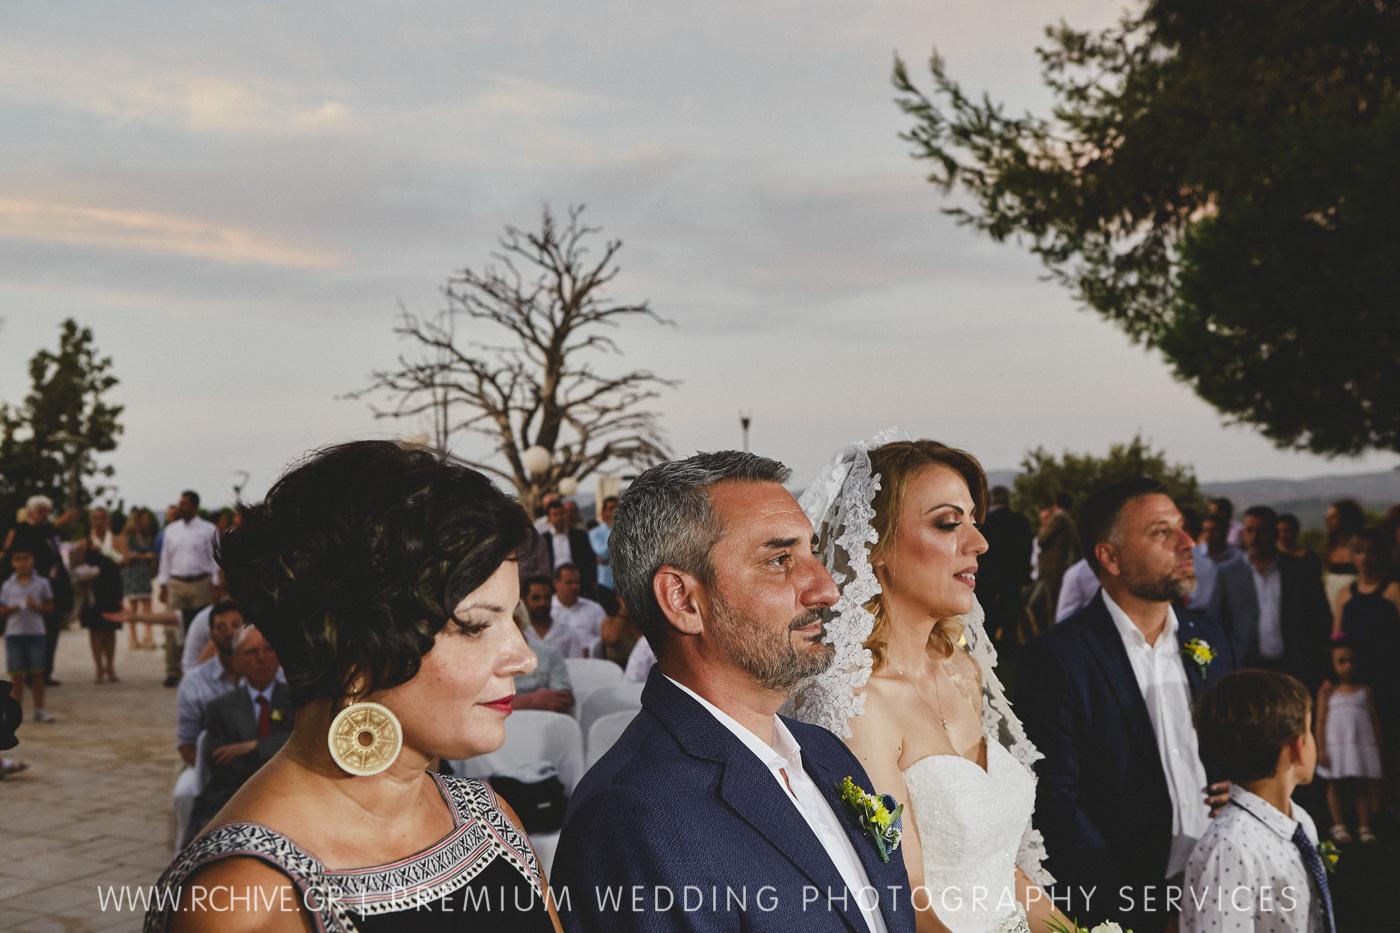 φωτογραφία γάμου άλσος νυμφών